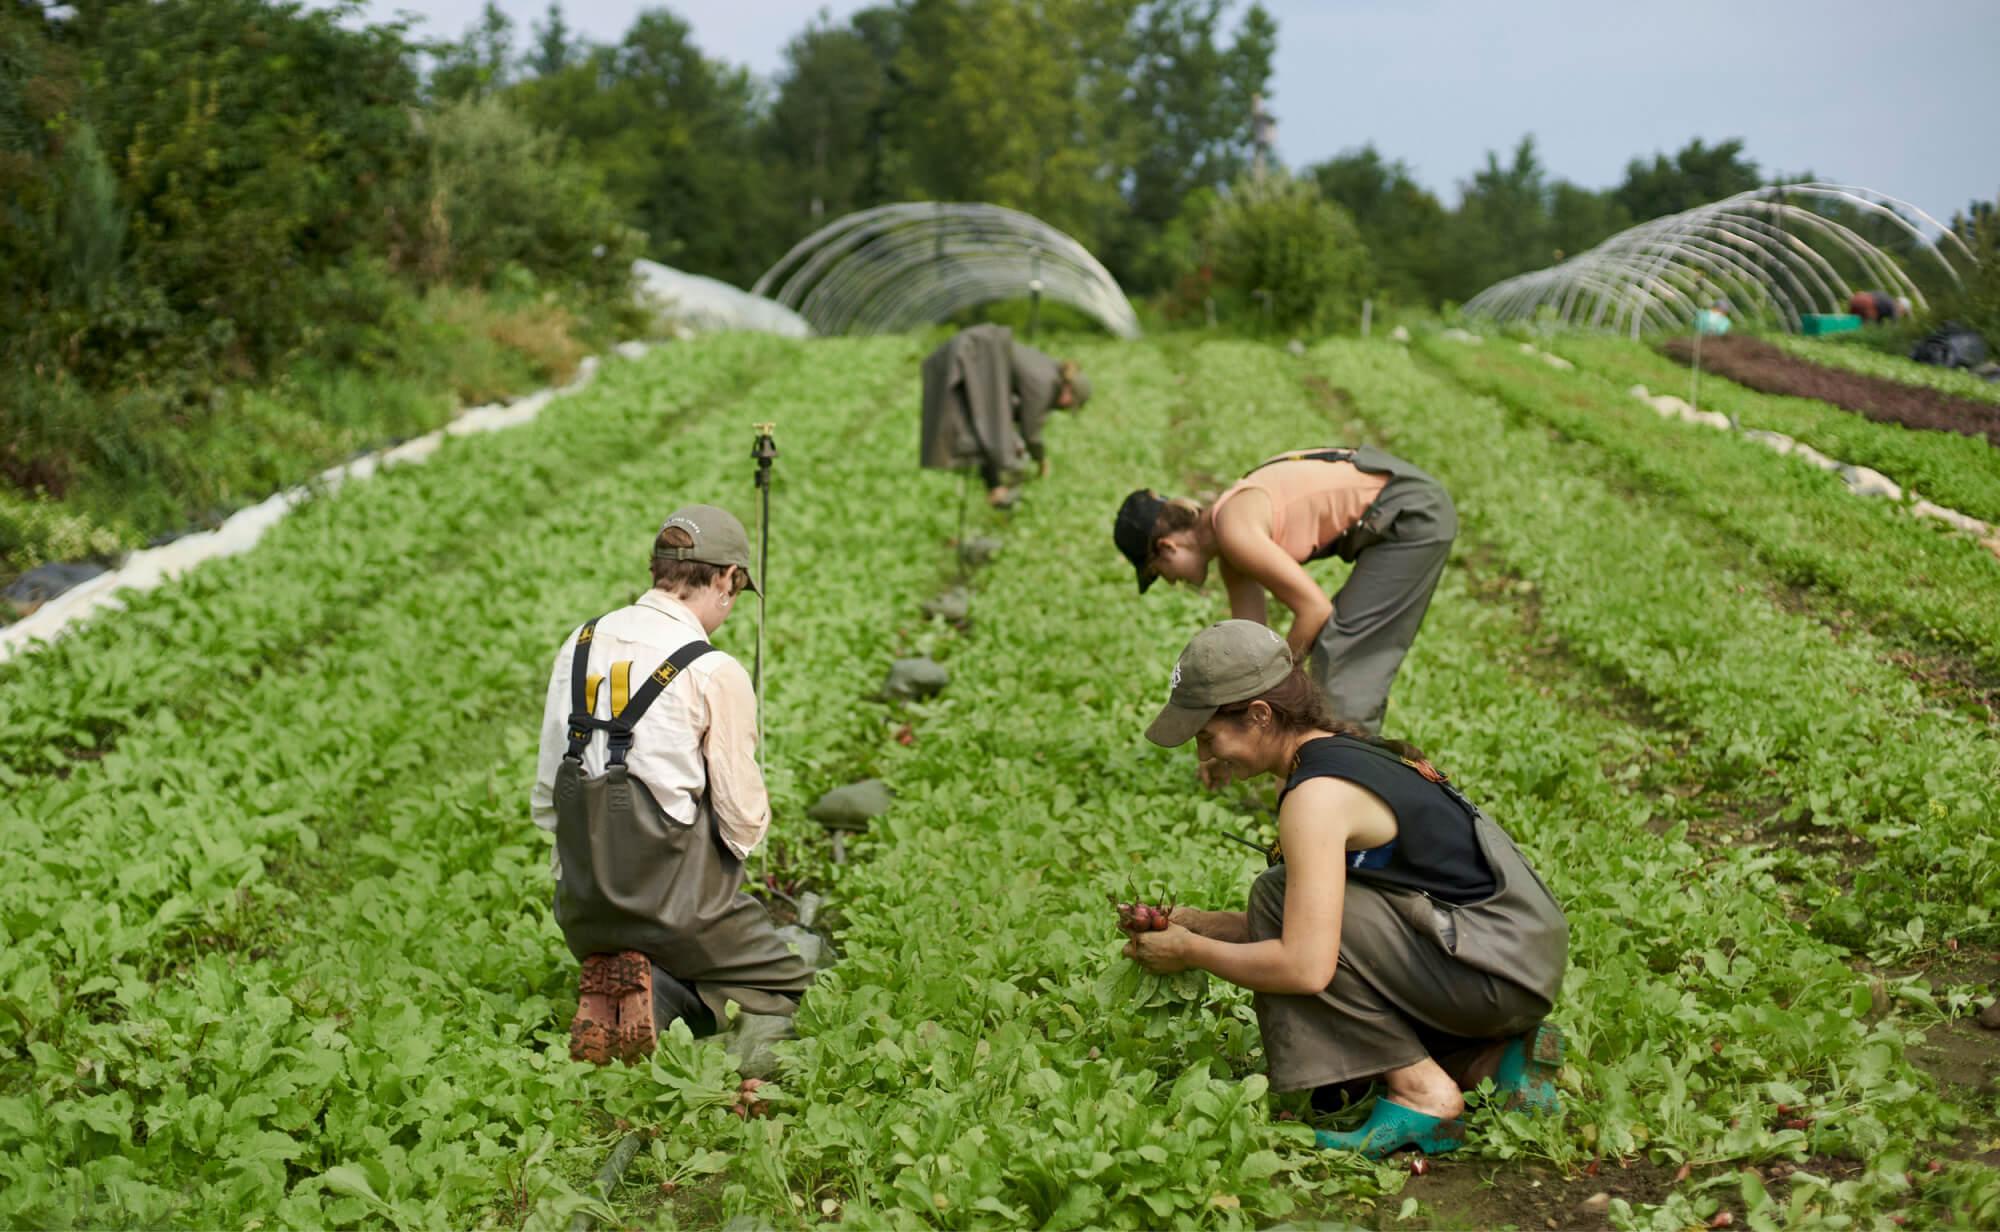 Gardeners inspecting crops